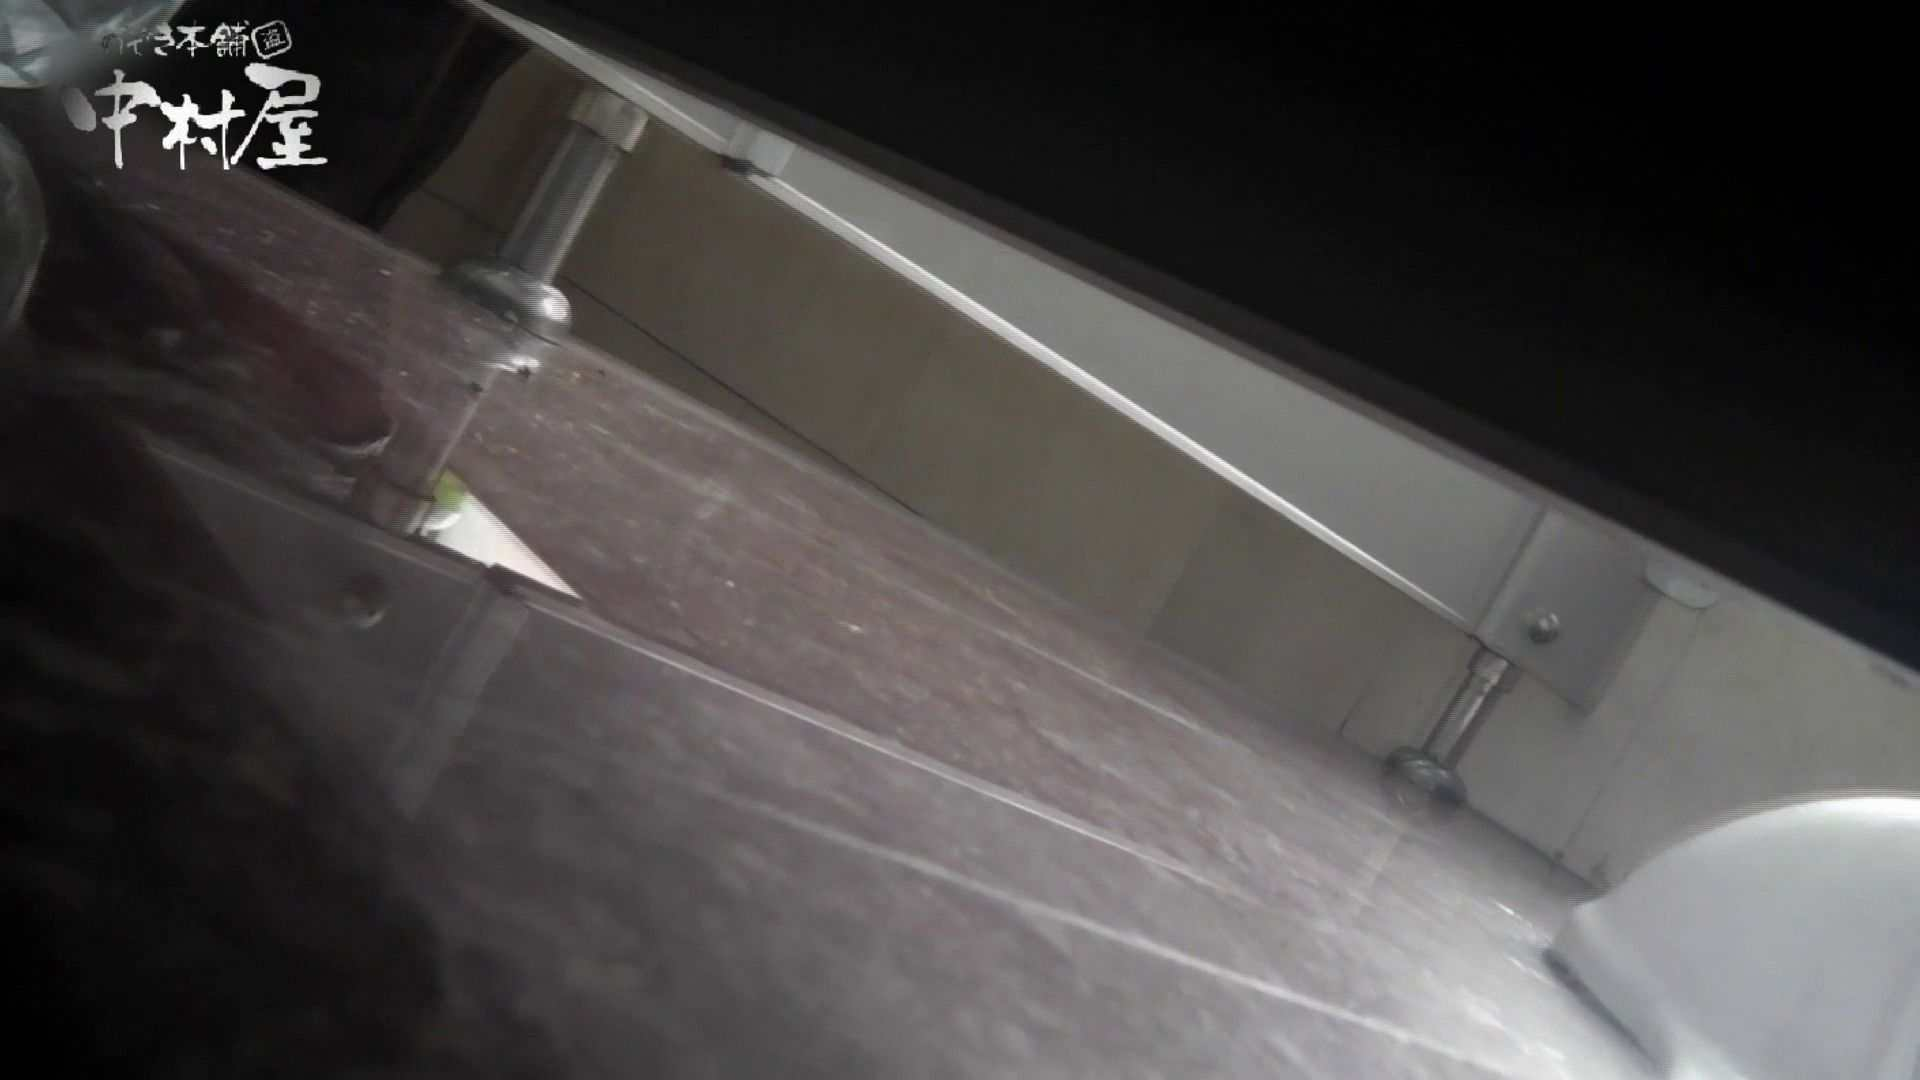 【世界の射窓から~ステーション編~】ステーション編 vol52 我慢して個室に入ったら。||:-)!! 盗撮特集 | おまんこ  79画像 28